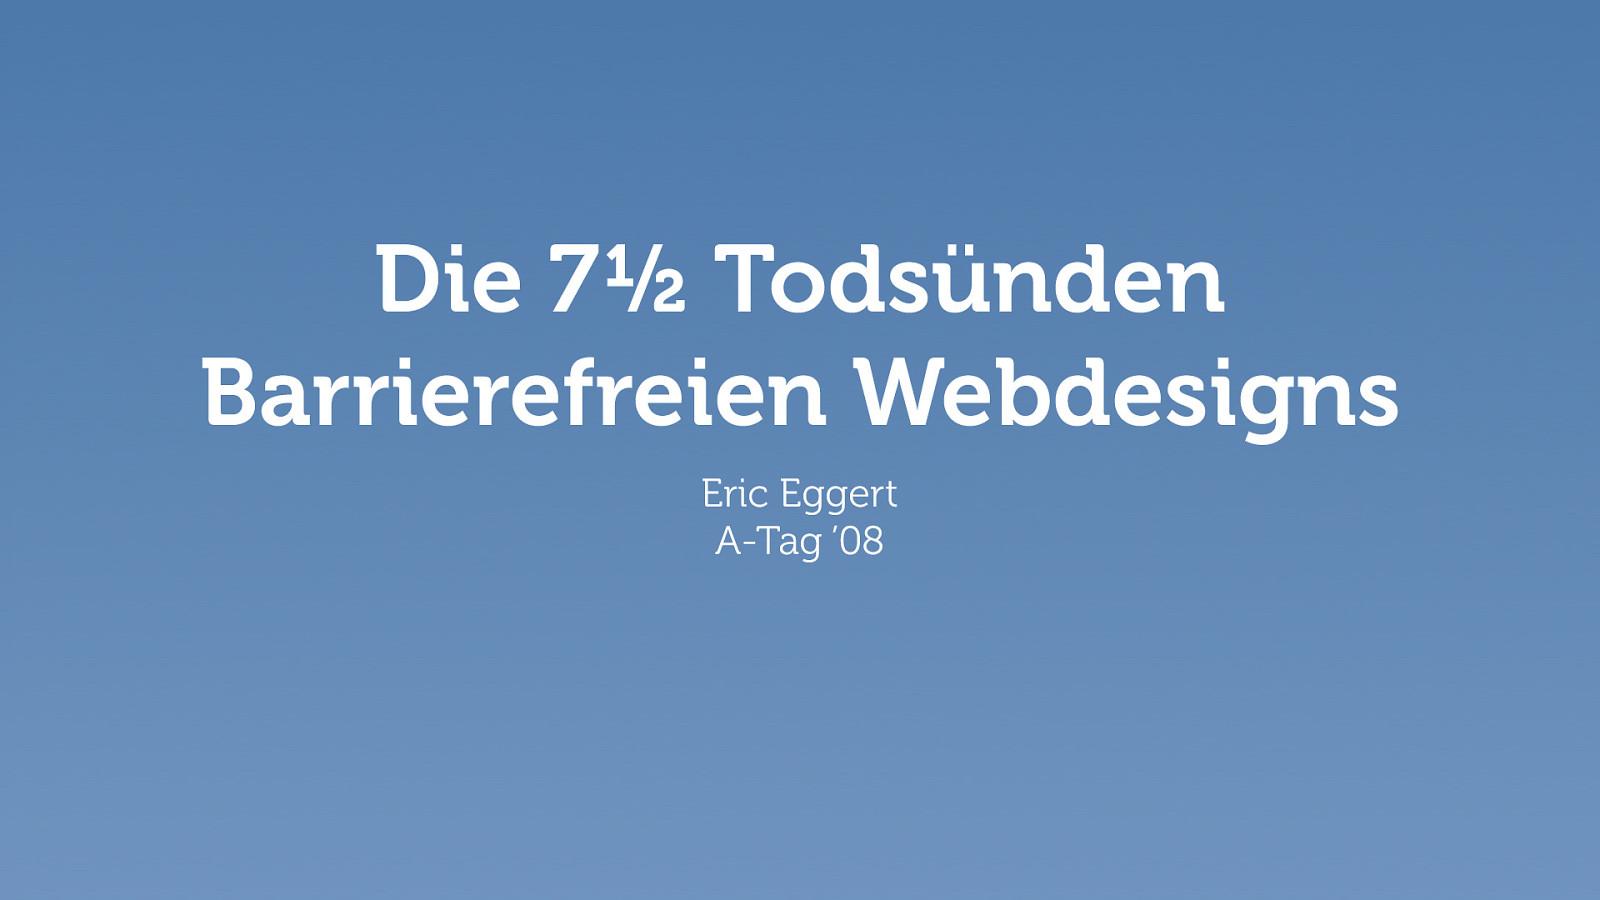 Die 7½ Todsünden Barrierefreien Webdesigns